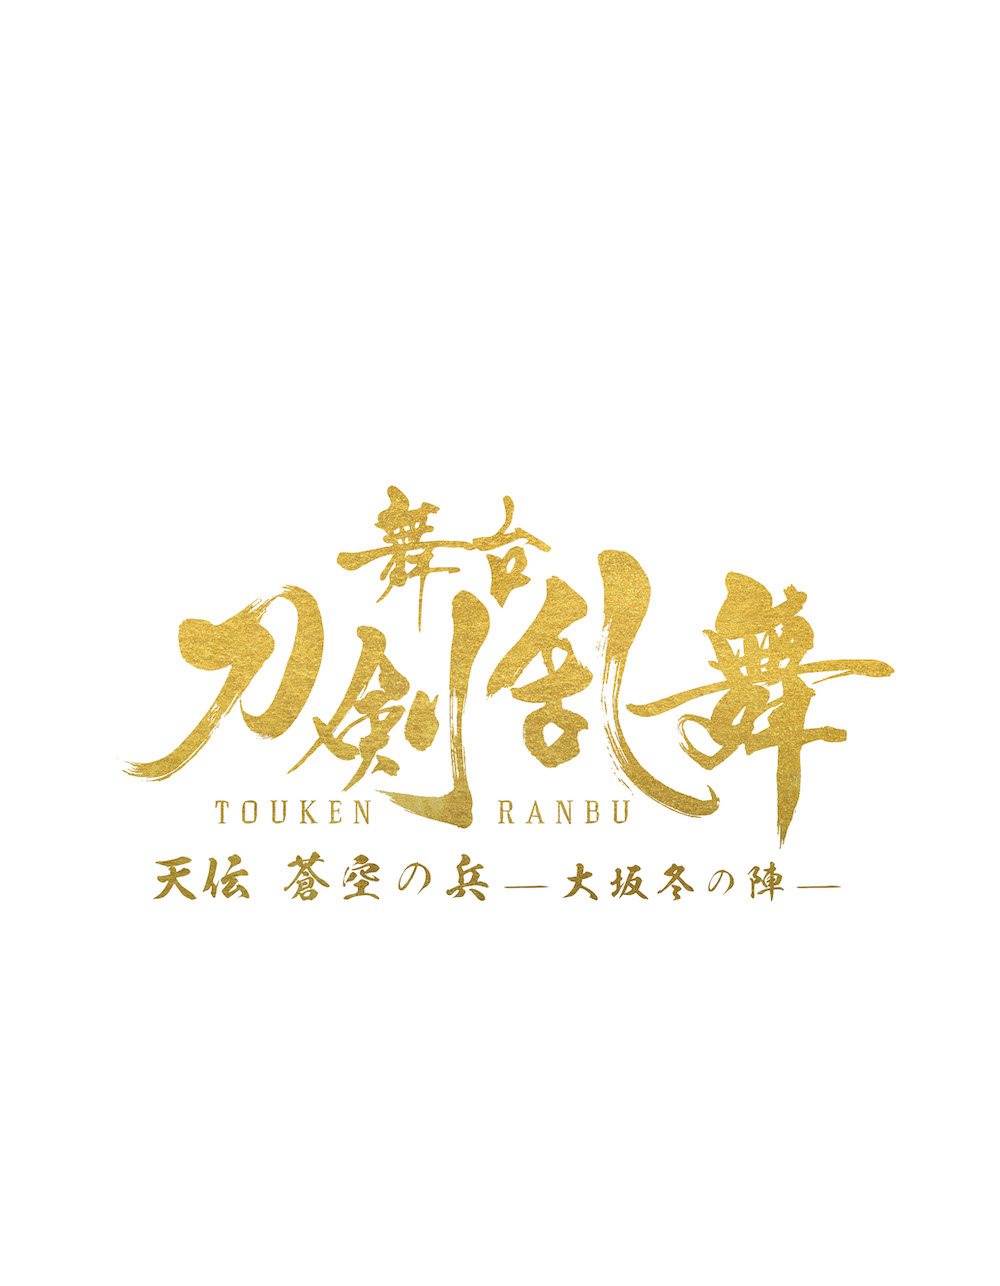 舞台『刀剣乱舞』大坂冬の陣、あらすじ&公演電子チラシが解禁 イメージ画像